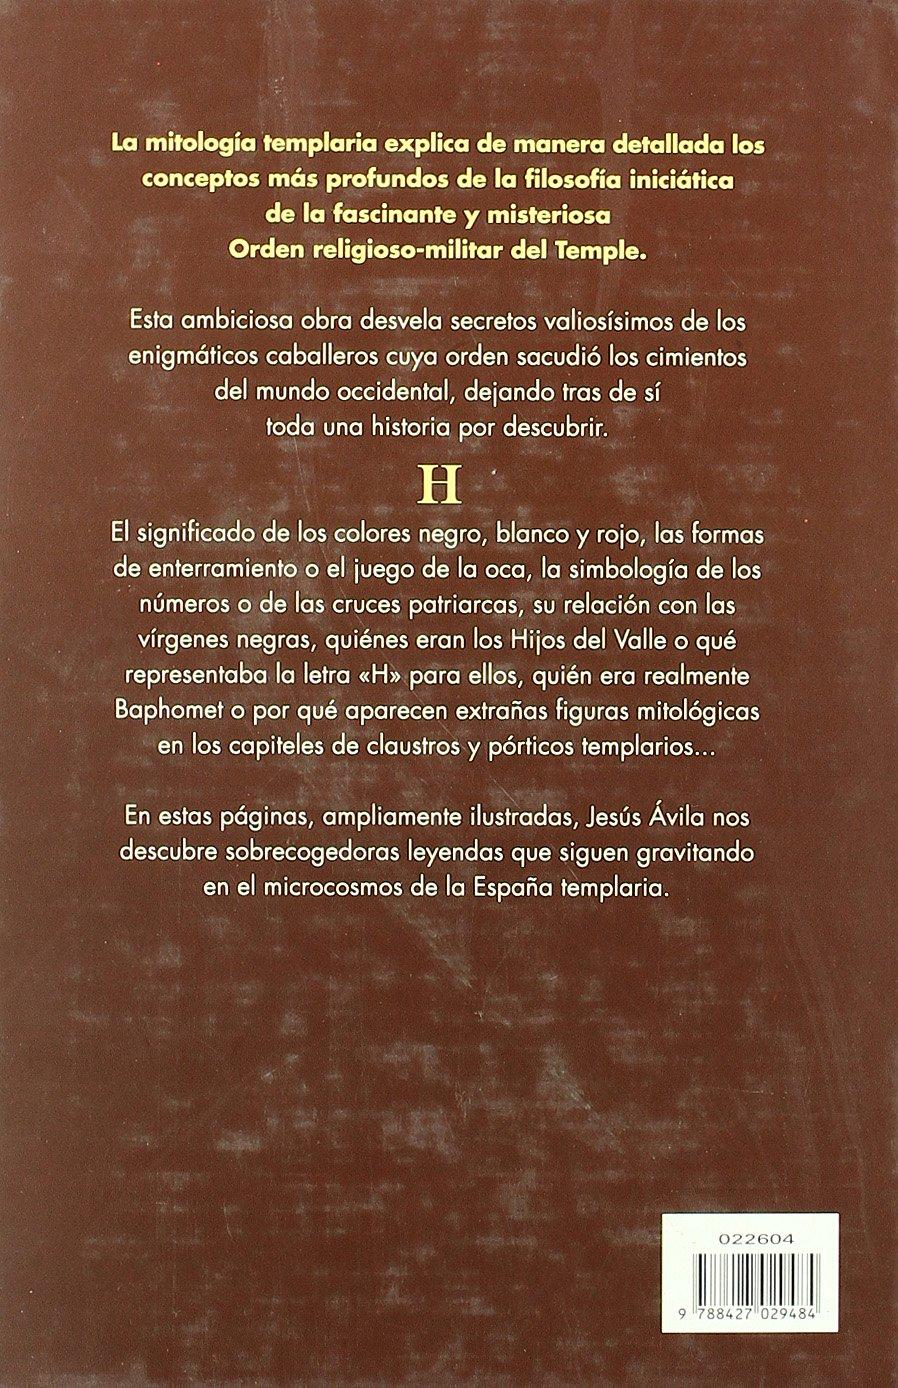 La mitología templaria (MR Dimensiones): Amazon.es: Ávila, Jesús: Libros